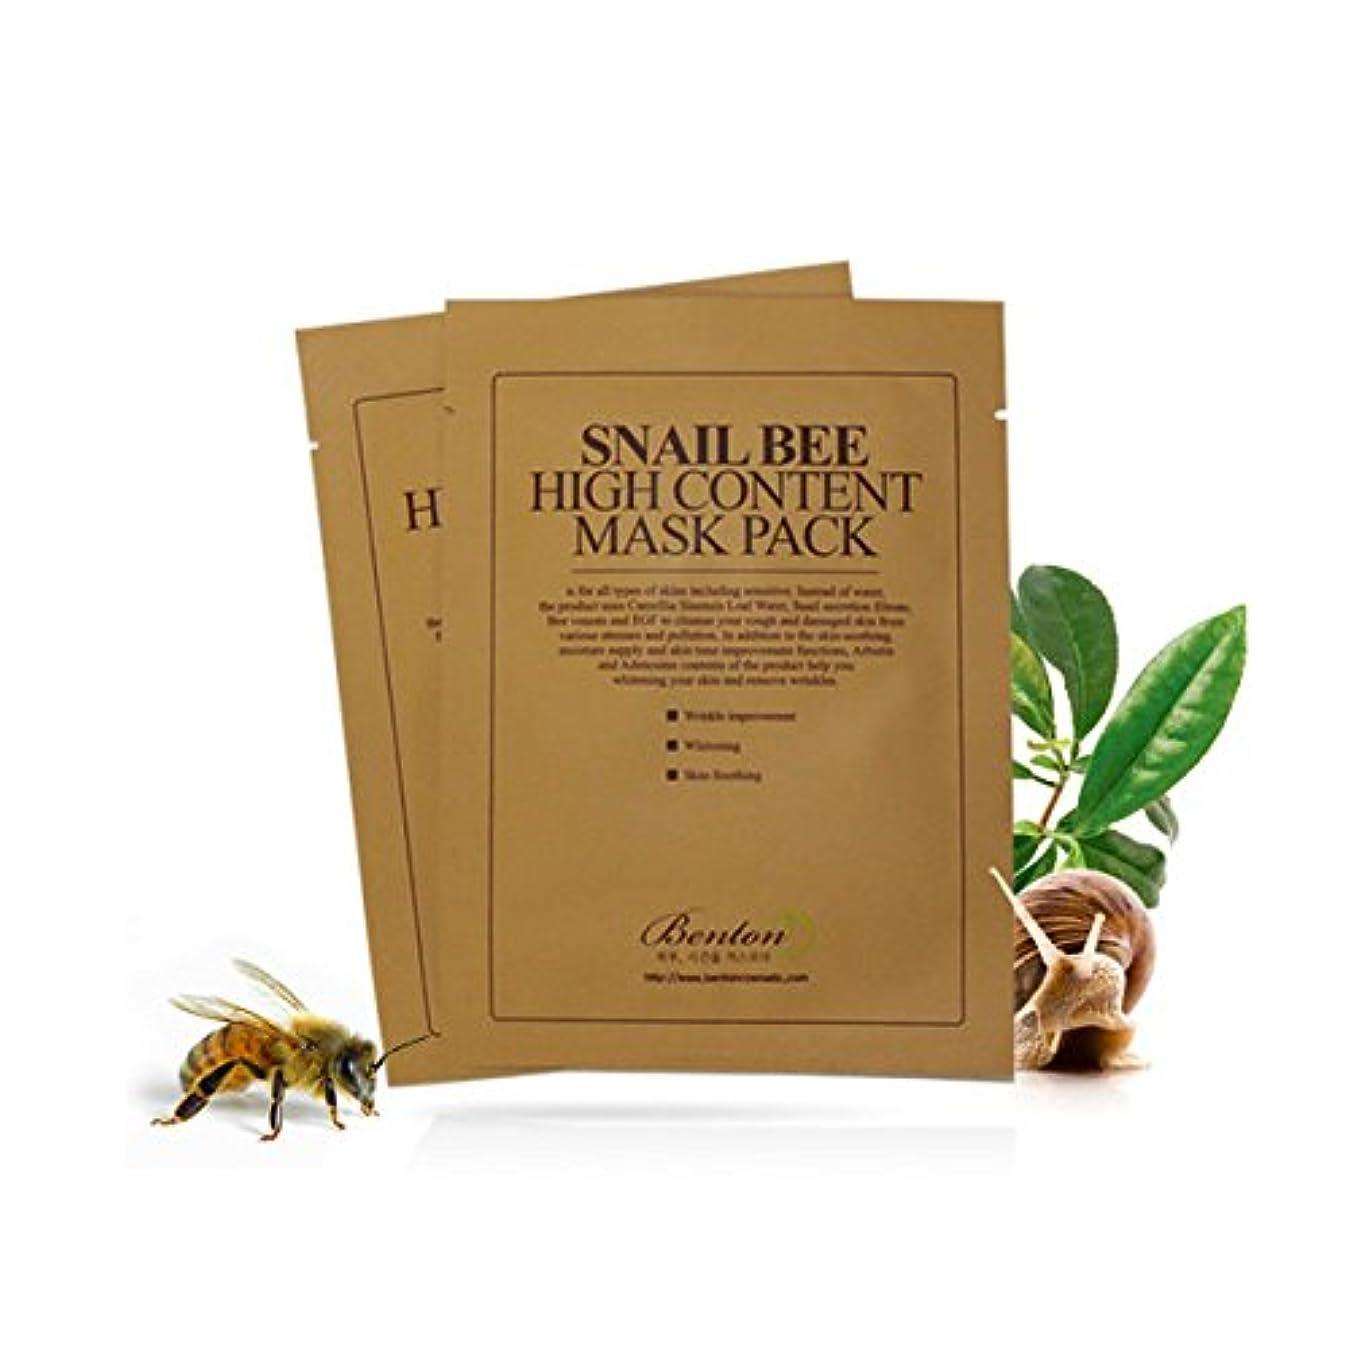 大学院盲目機械的[ベントン] BENTON カタツムリ蜂の高いコンテンツ?マスクパック Snail Bee High Content Mask Pack Sheet 10 Pcs [並行輸入品]